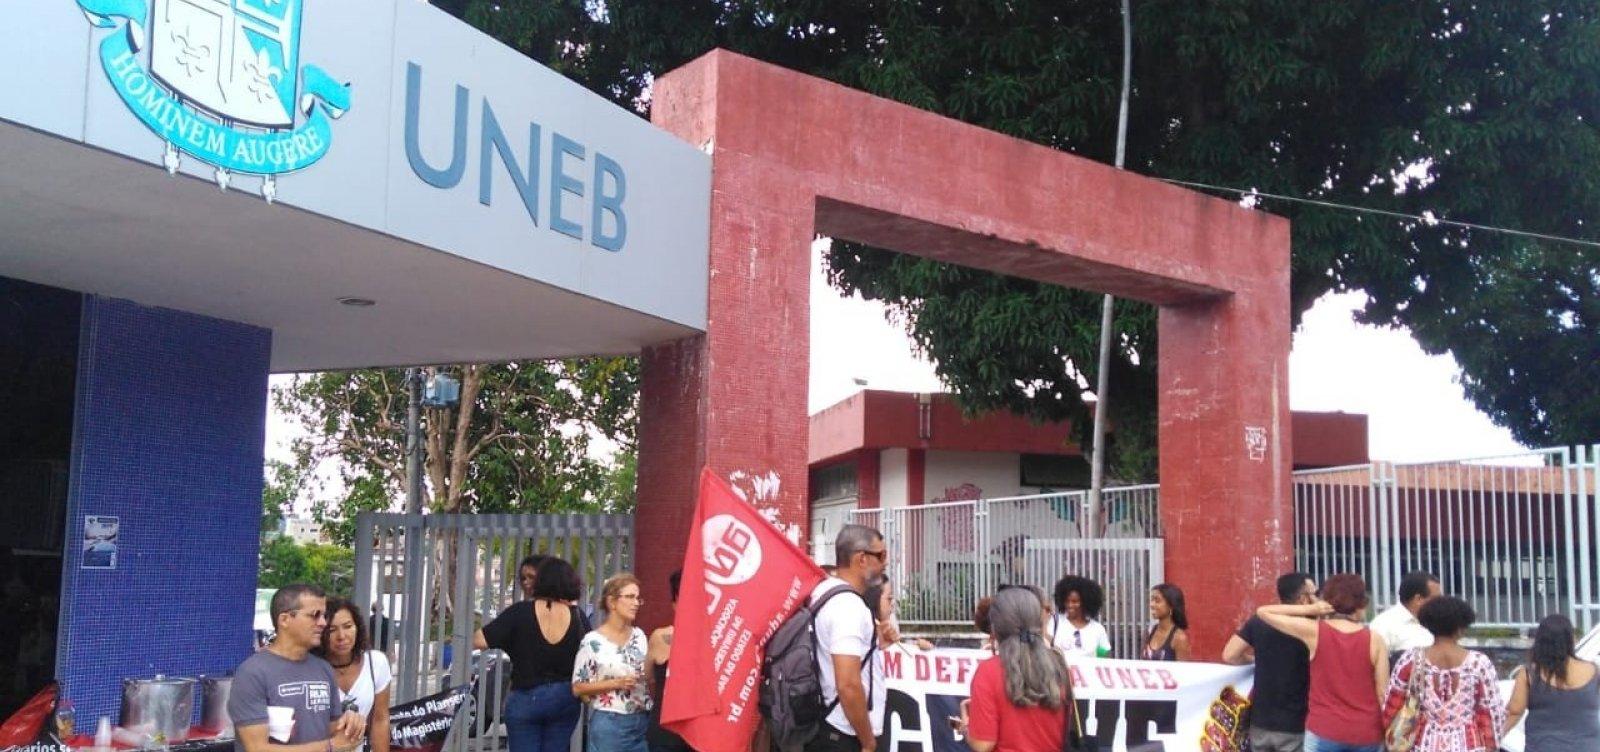 Desembargadora deve analisar 'conflito de decisões' sobre corte de salários, diz Aduneb